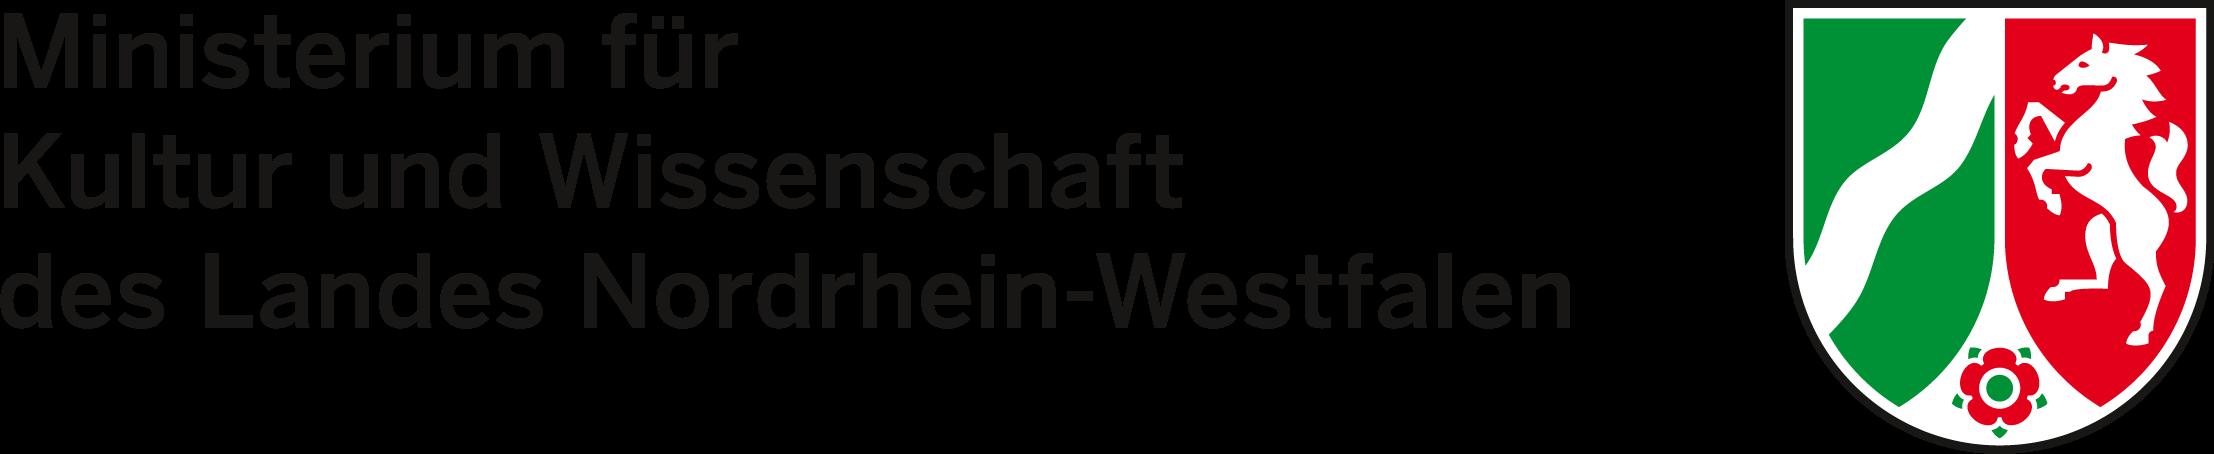 Logo von Ministerium für Kultur und Wissenschaft des Landes Nordrhein-Westfalen